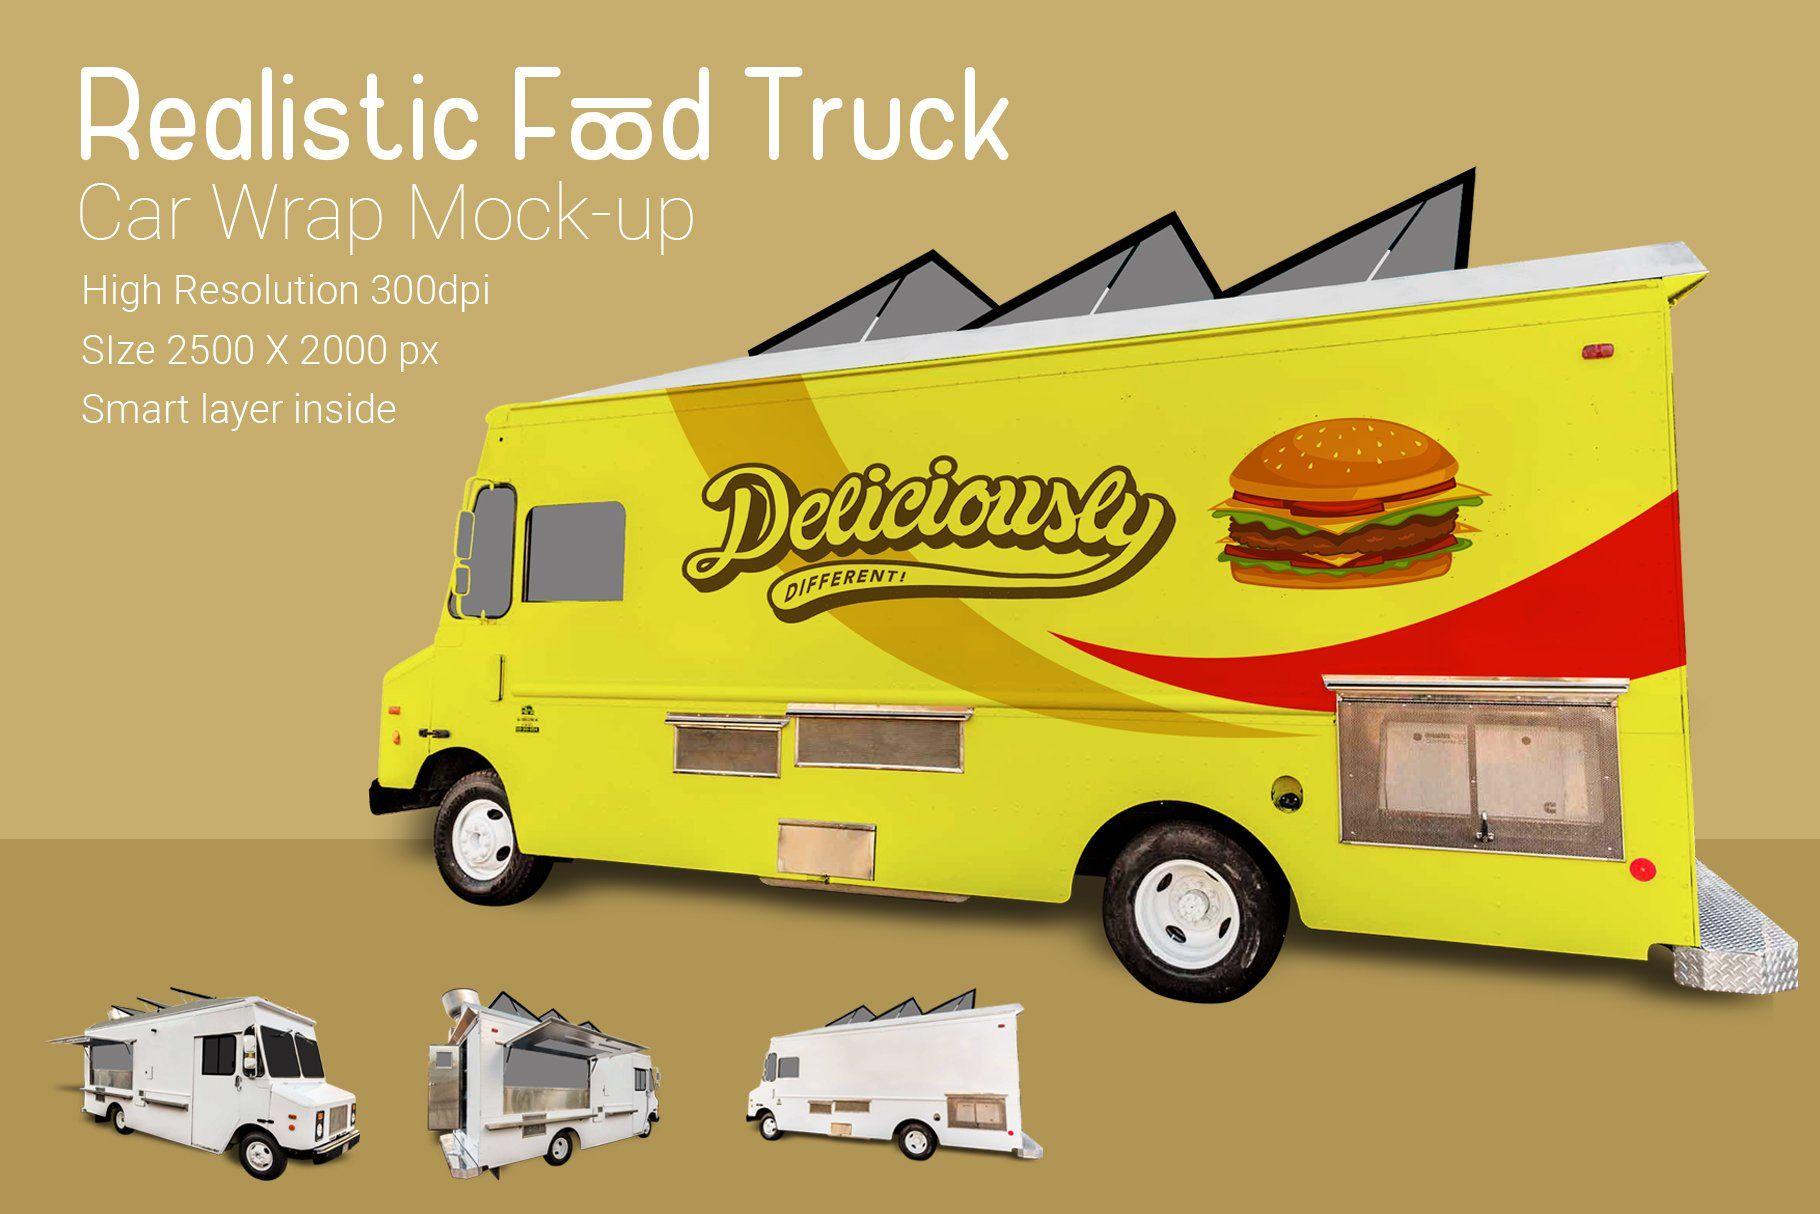 Food truck mockup food truck mocking used food trucks